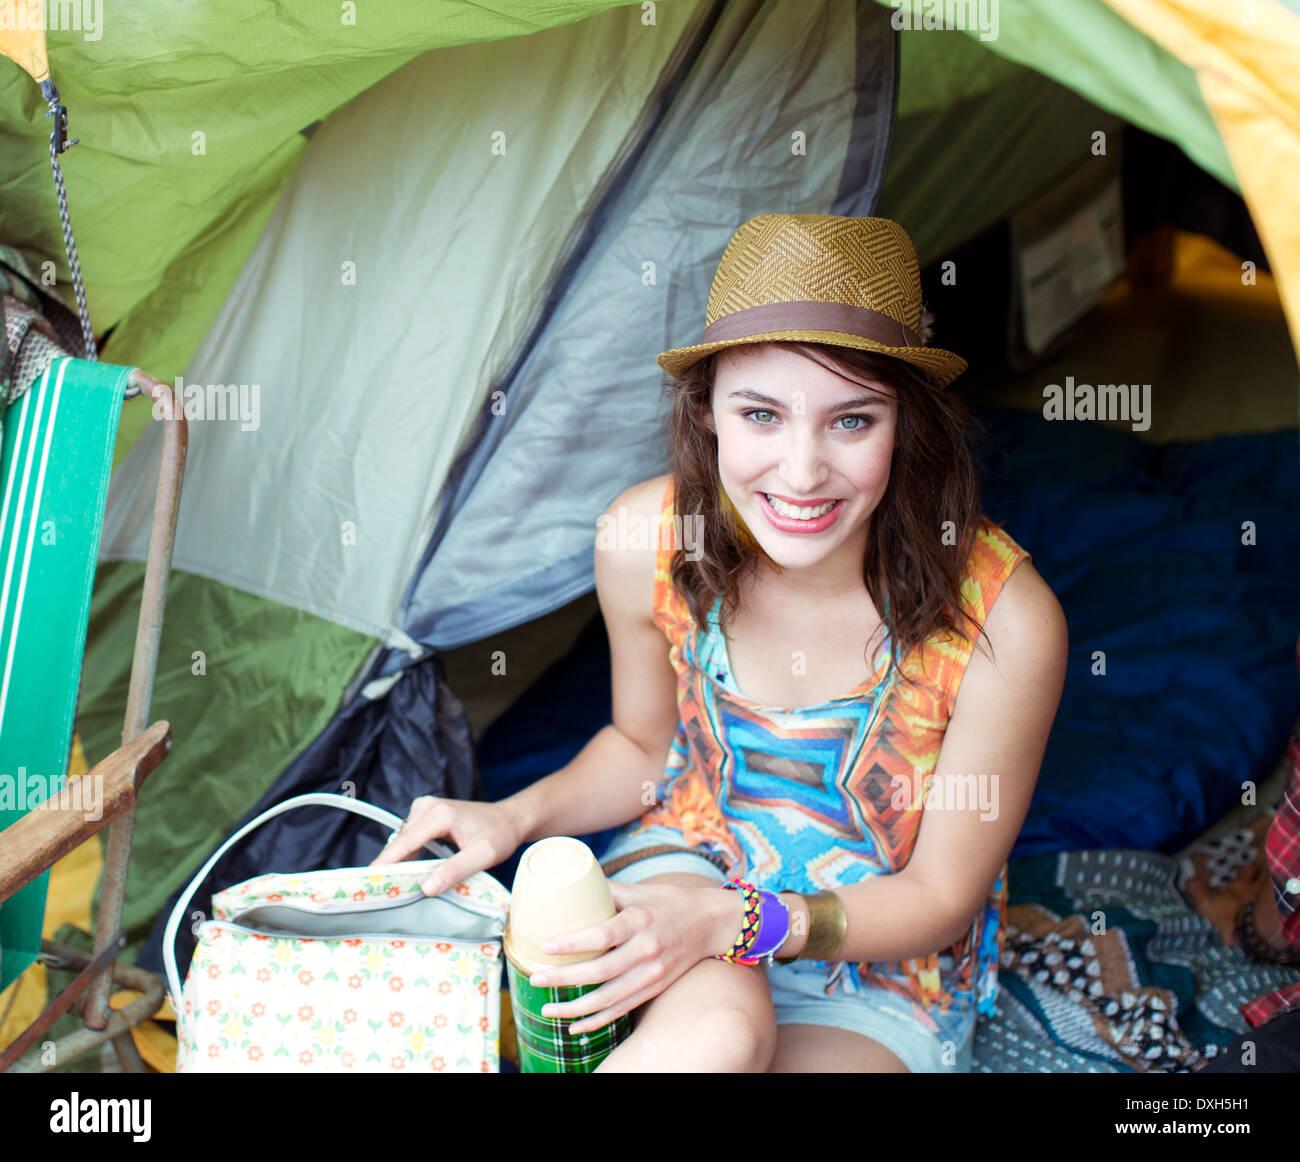 Ritratto di donna sorridente in tenda al festival di musica Immagini Stock